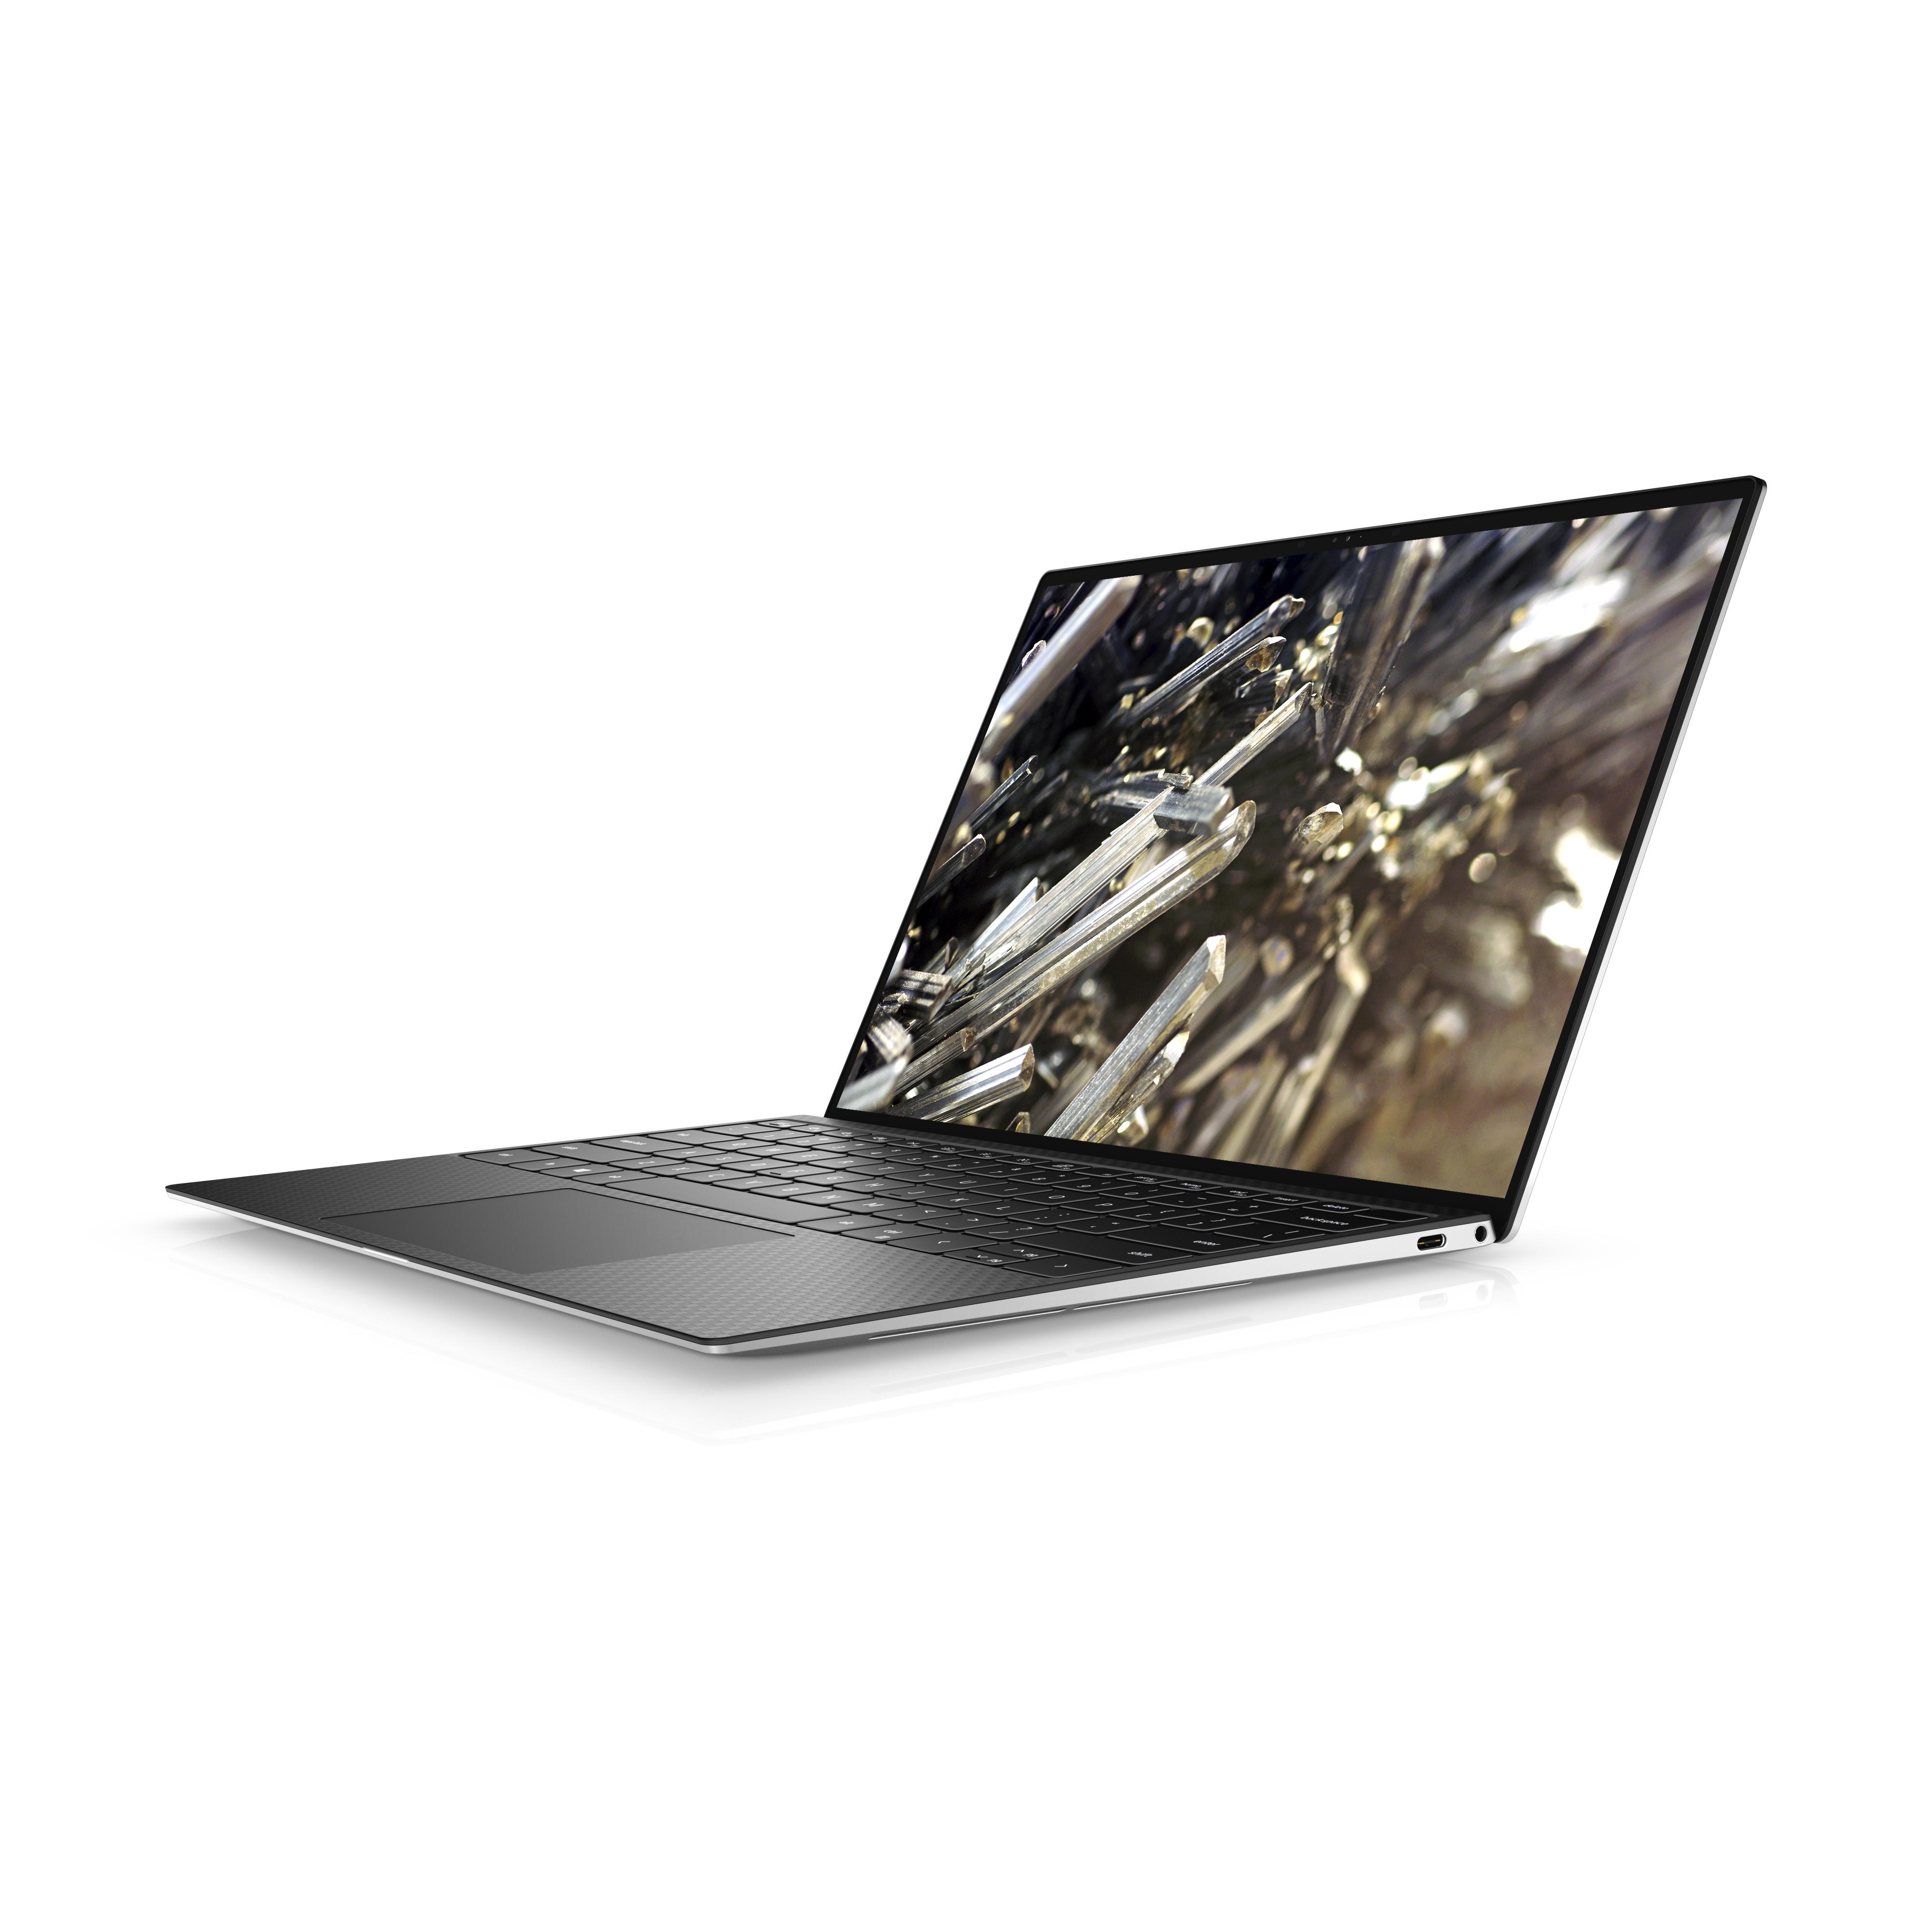 Dell XPS 13 (2020) får større skjerm og tastatur | TechRadar